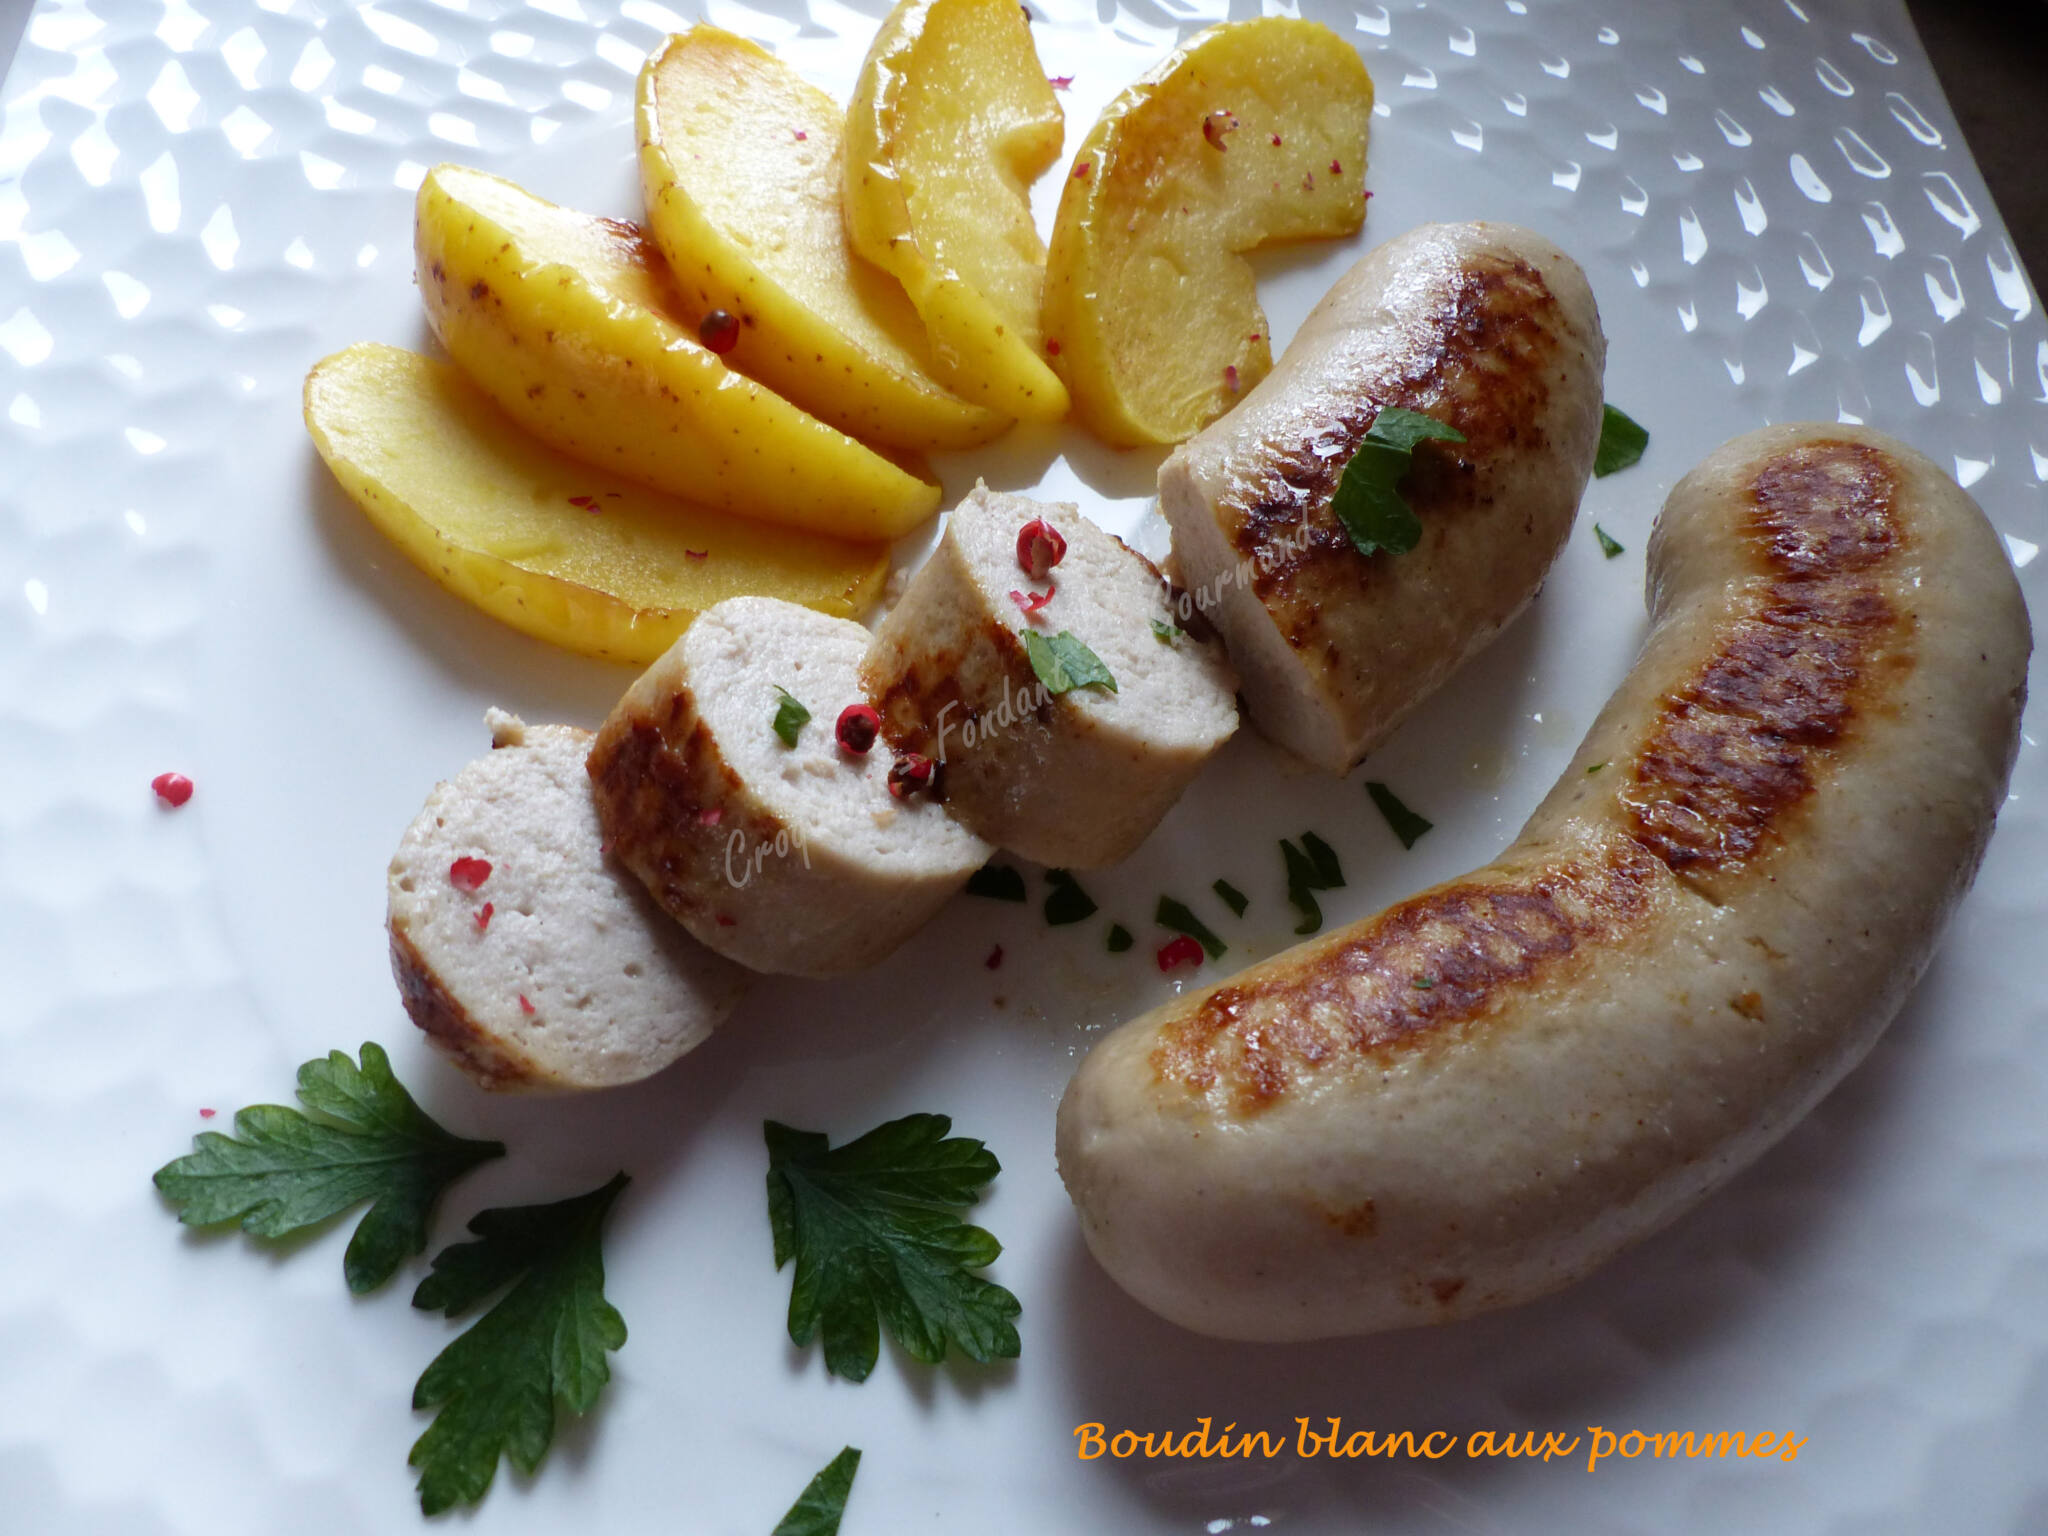 boudin-blanc-aux-pommes-p1000521